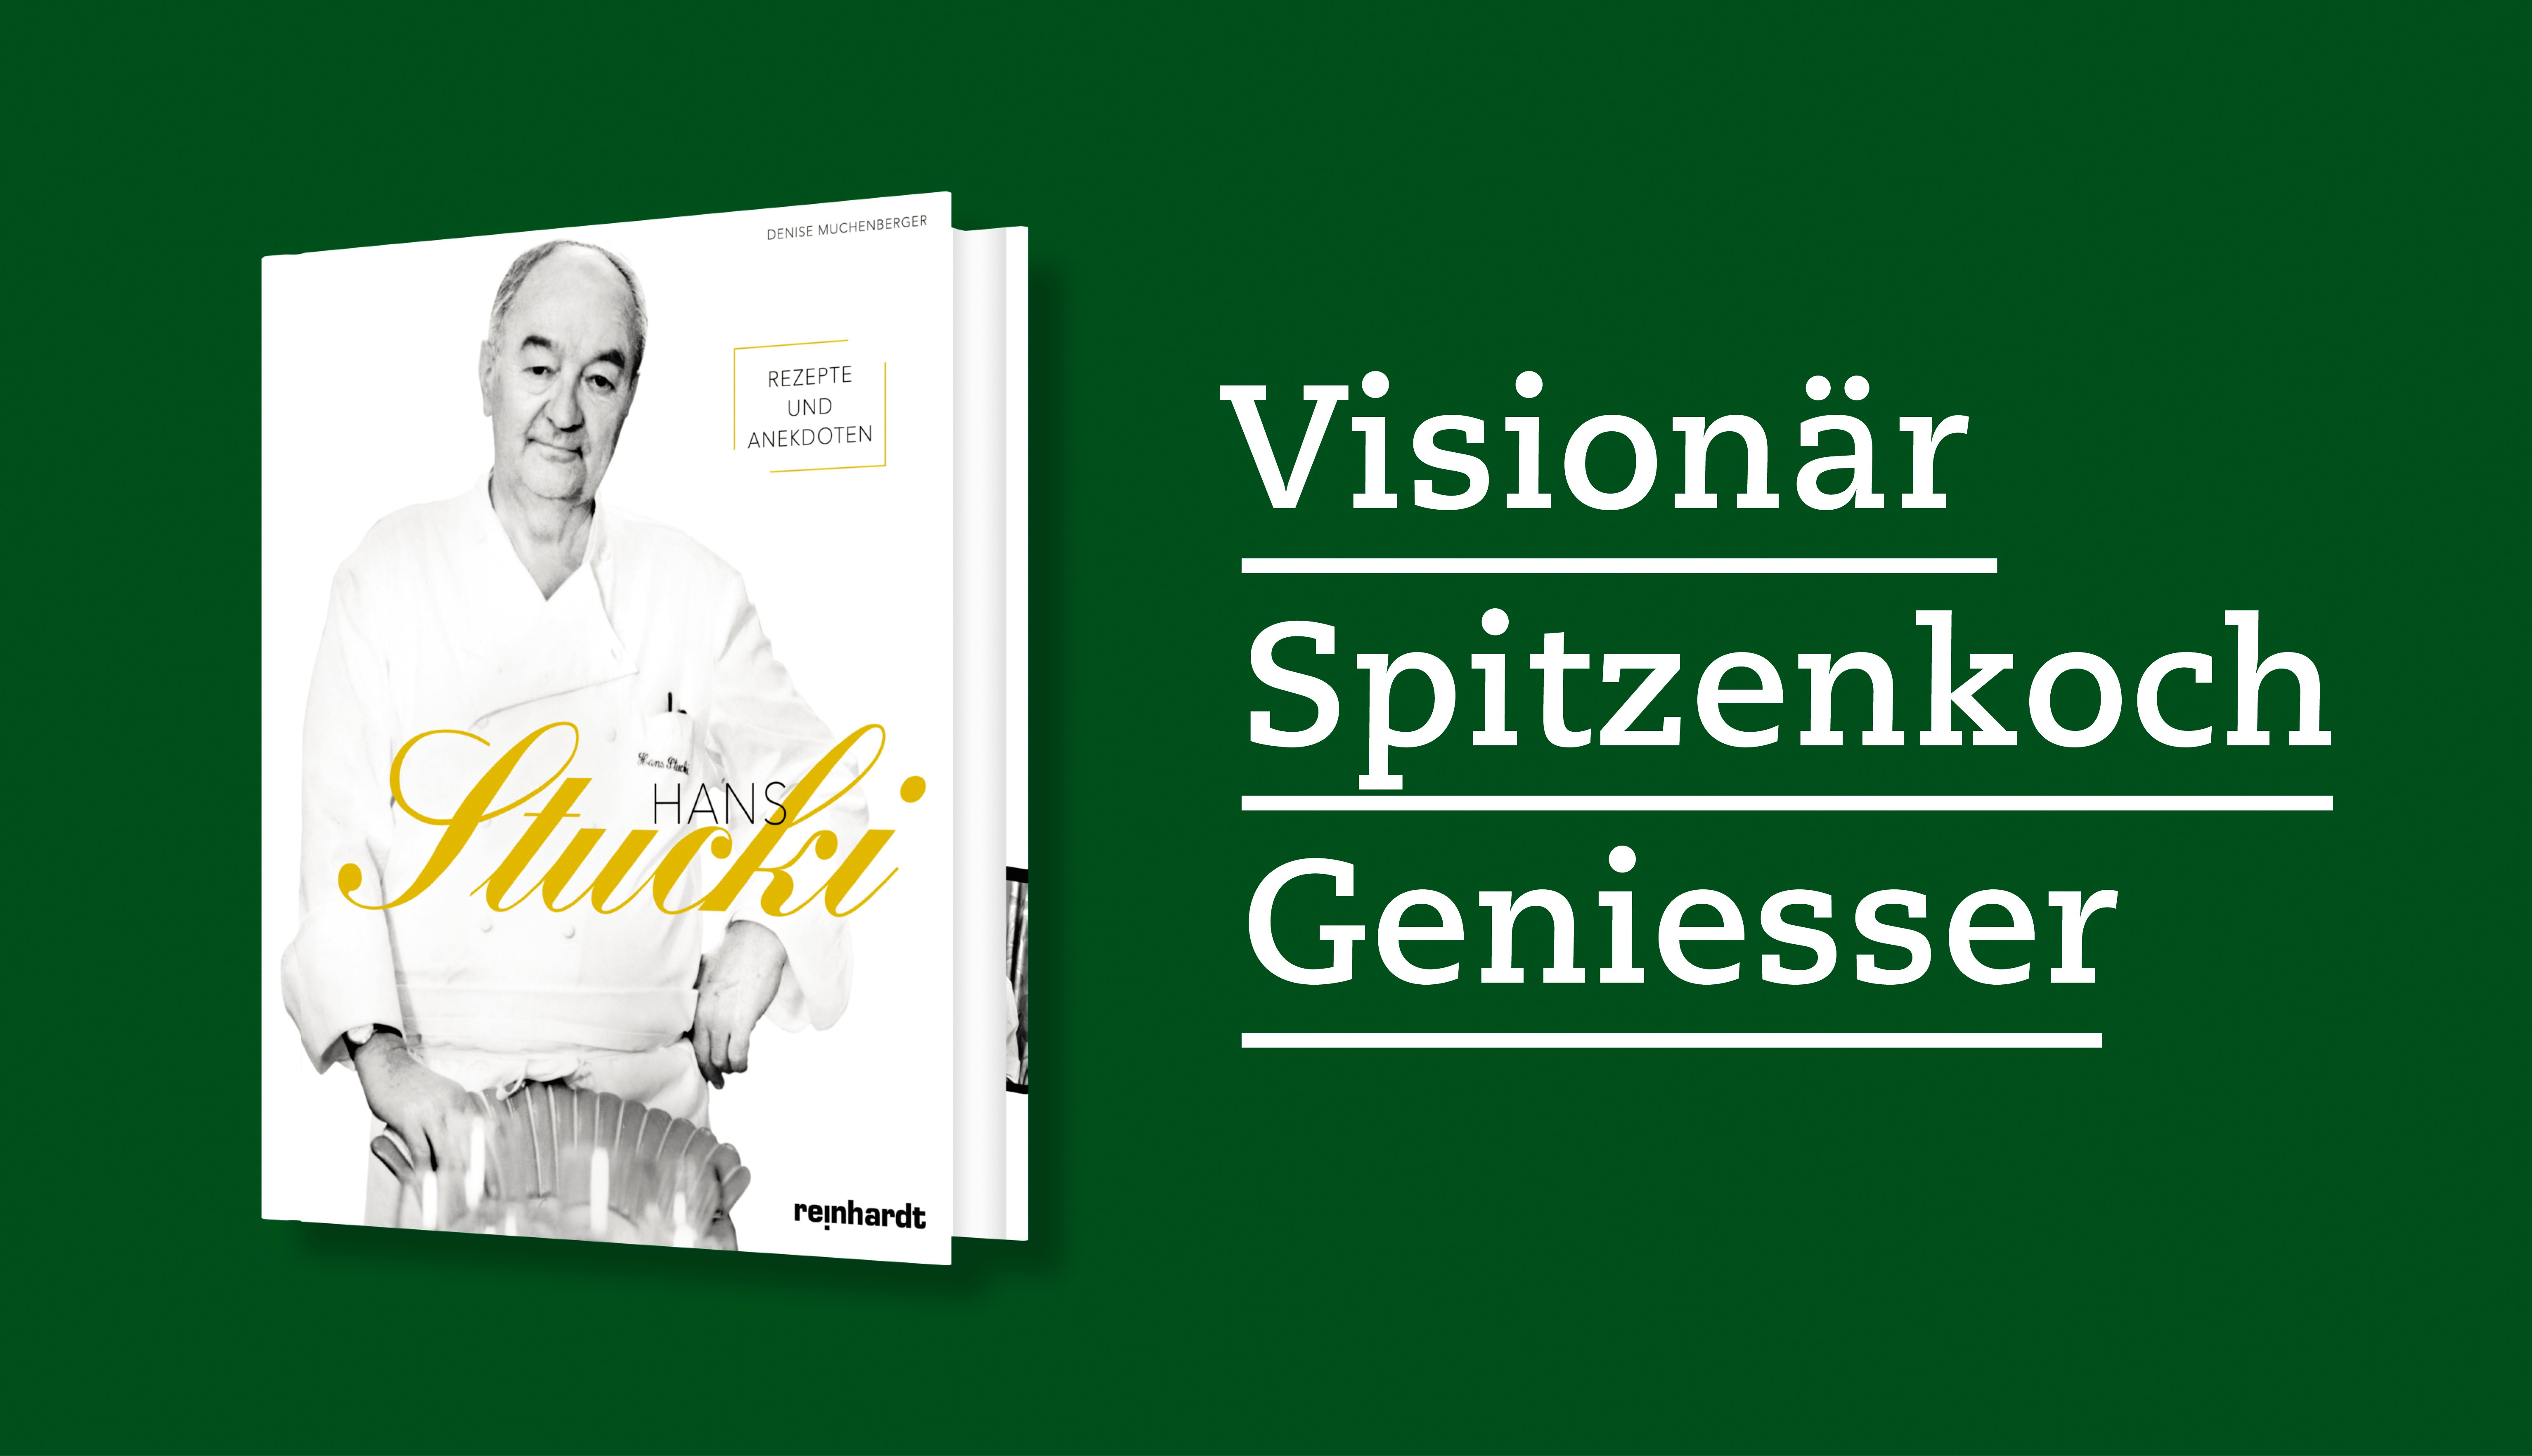 Hans Stucki - Rezepte und Anekdoten